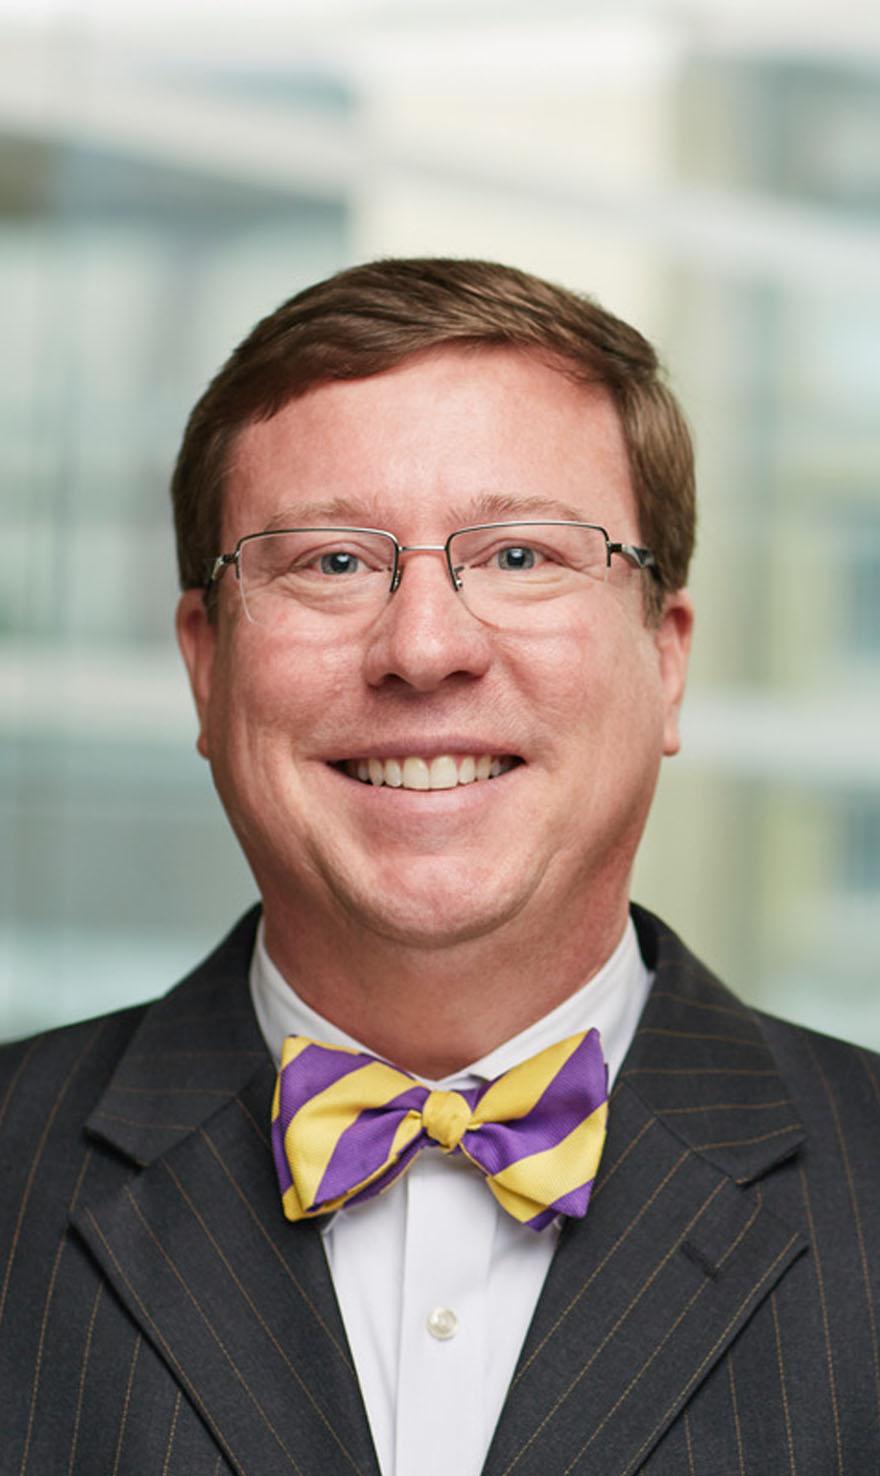 Matthew J. Lapointe